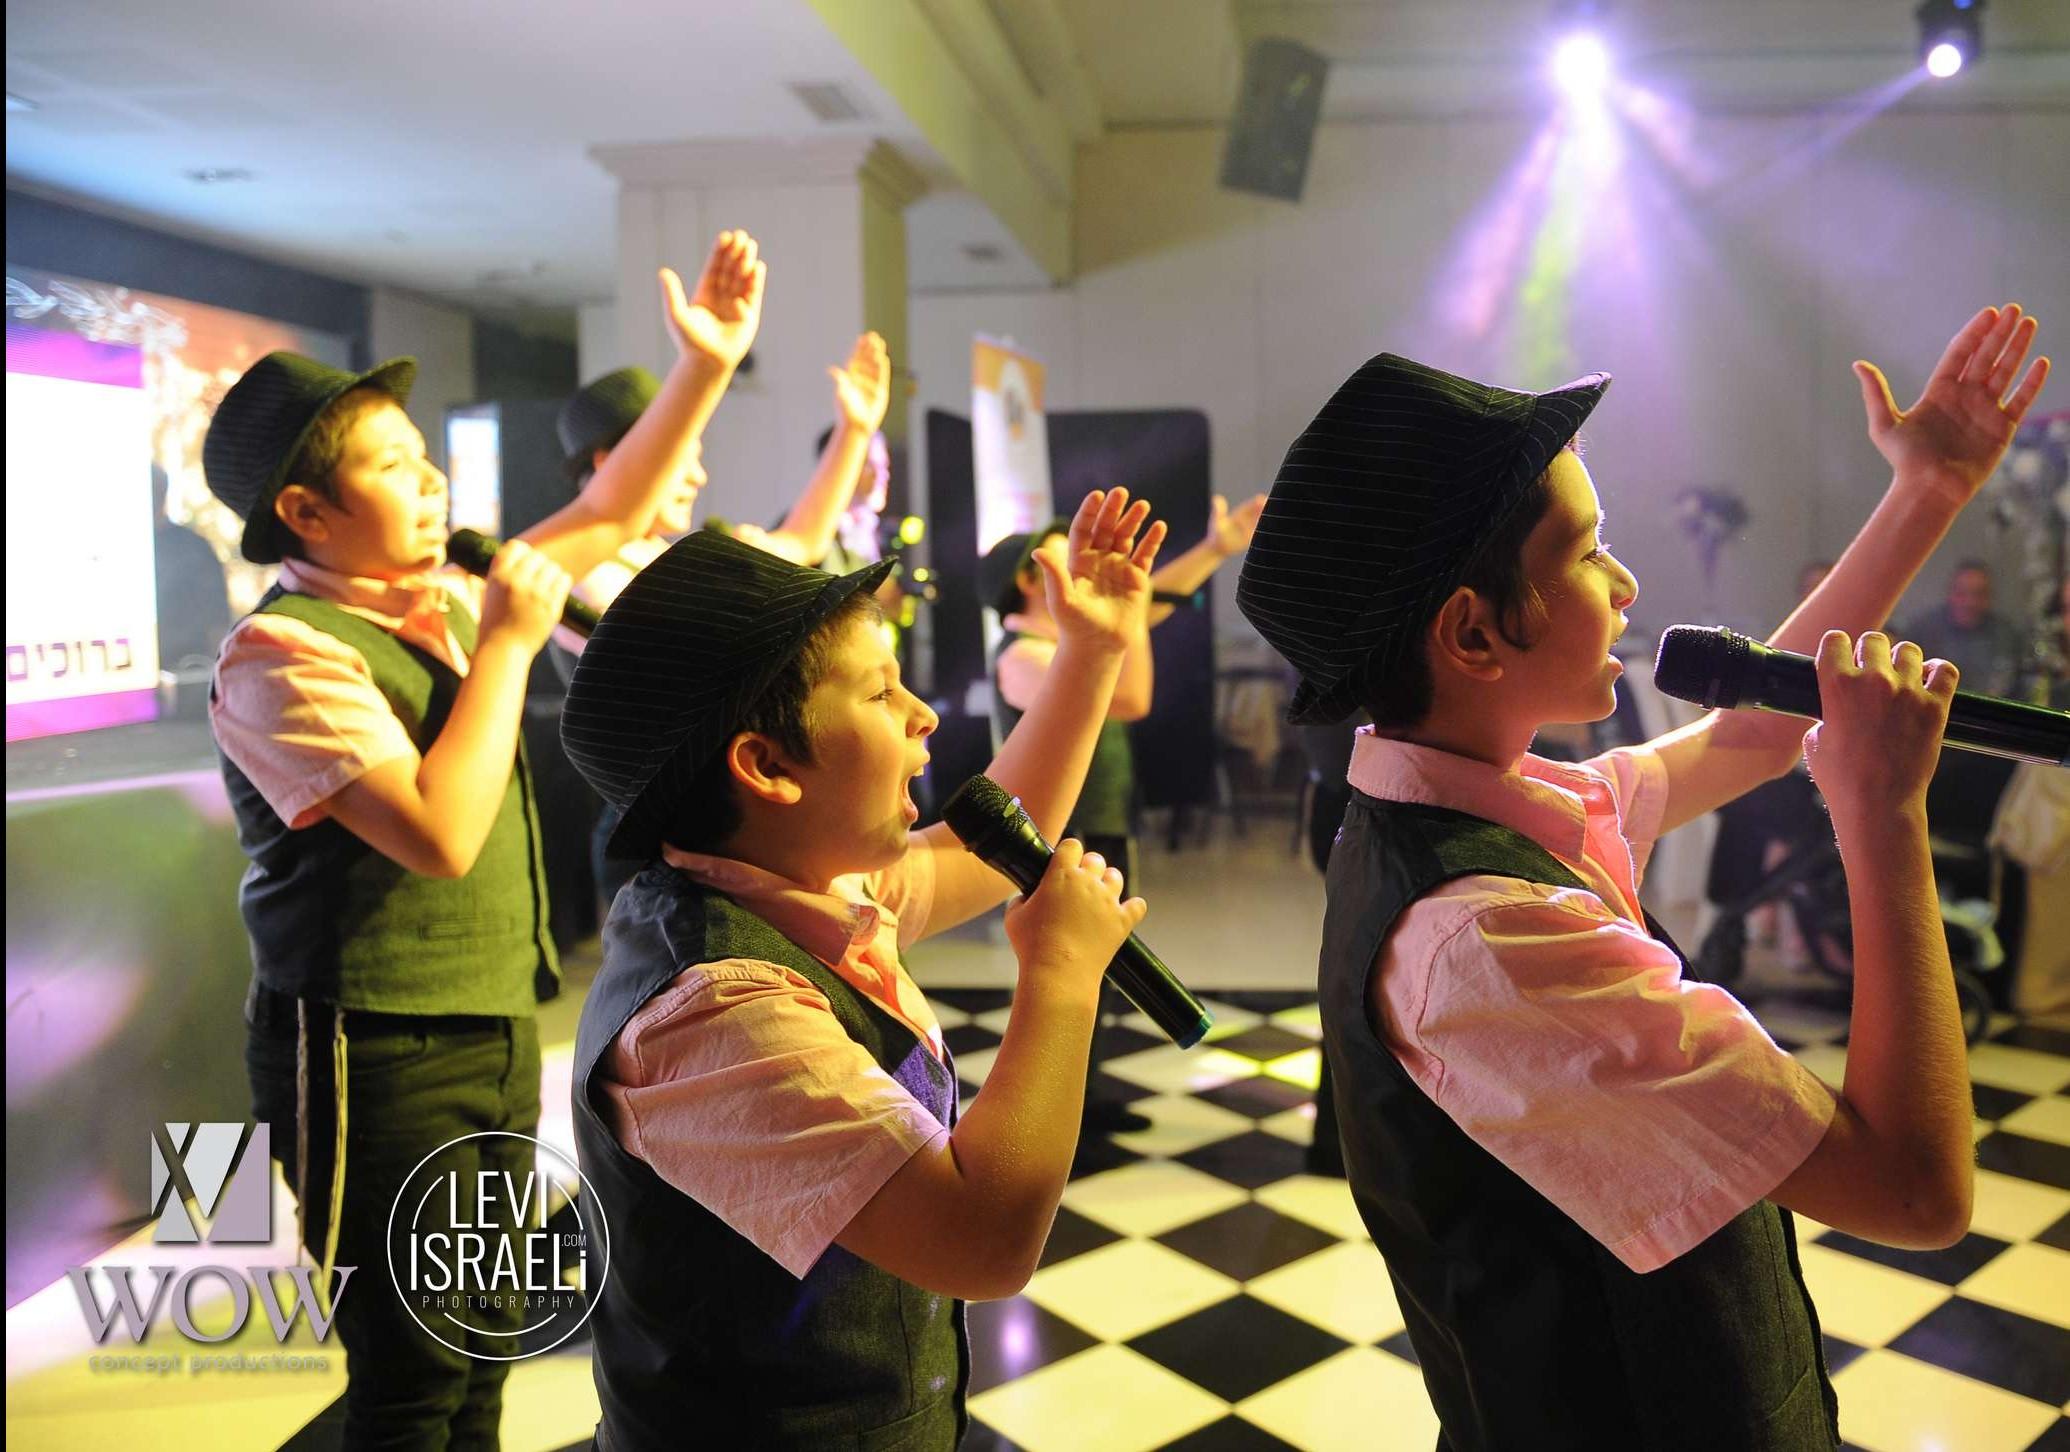 חיוכו של ילד בר מצווה צילום לוי ישראלי (6)